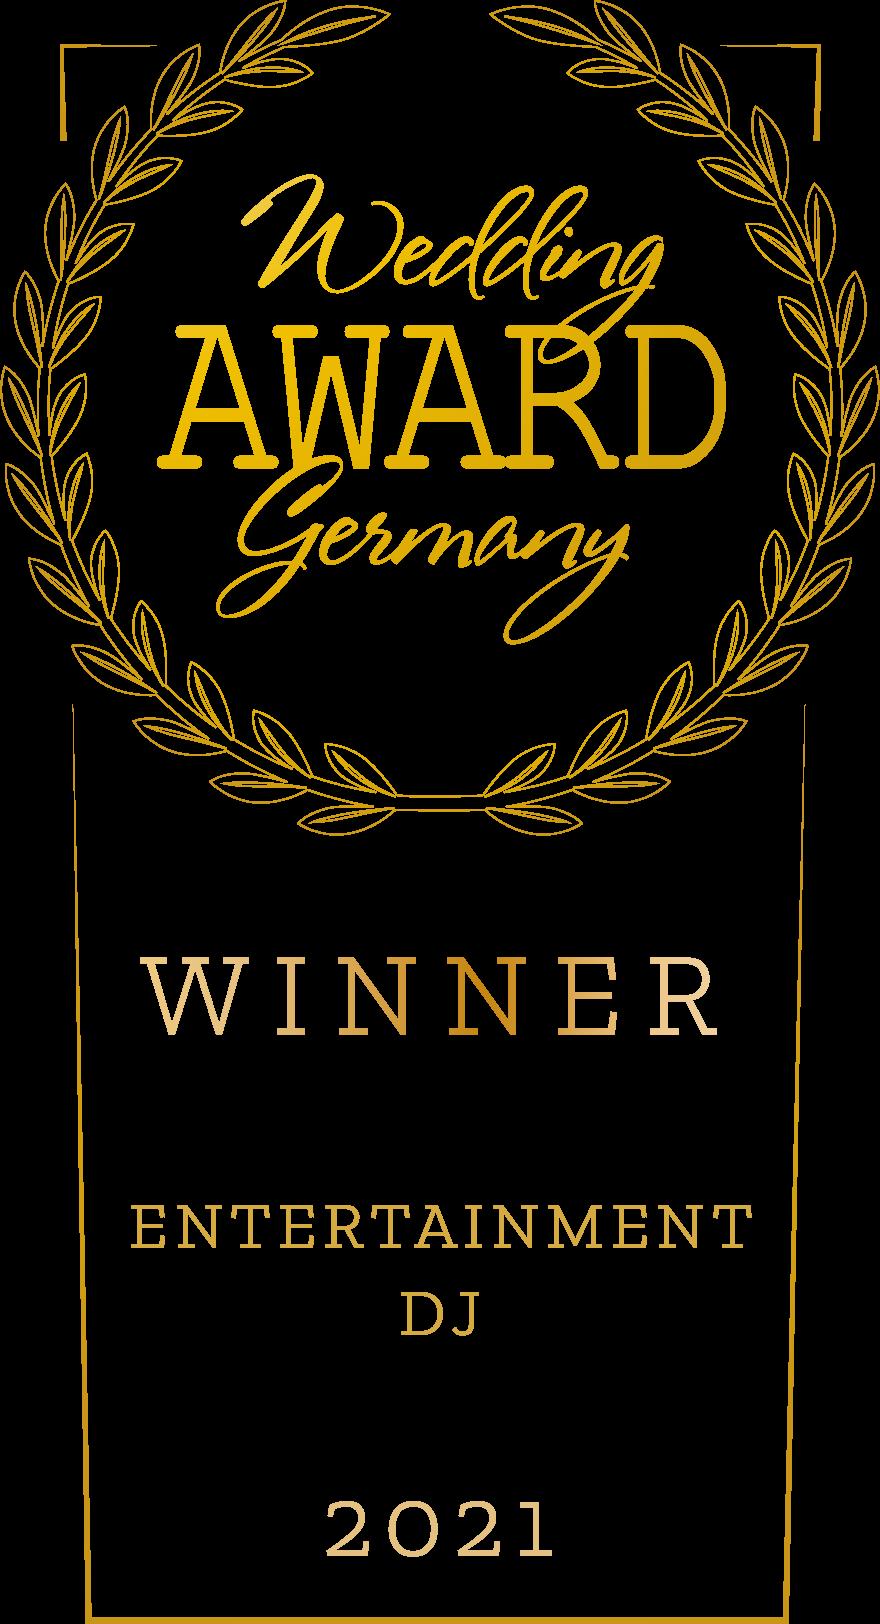 Wedding Award Gewinner 2021 Auszeichnung